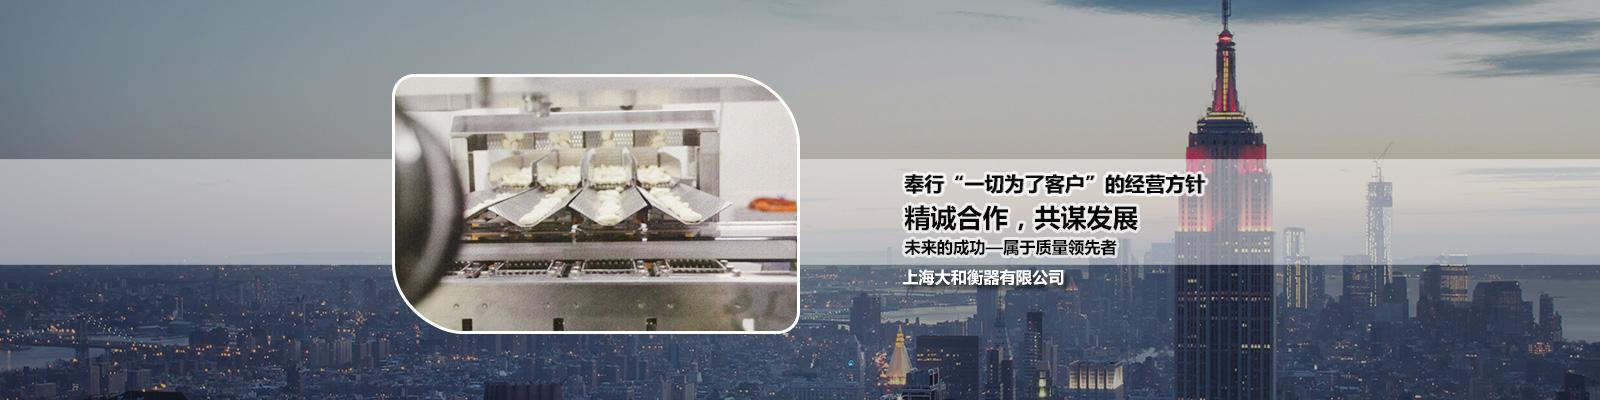 中国衡器行业的发展